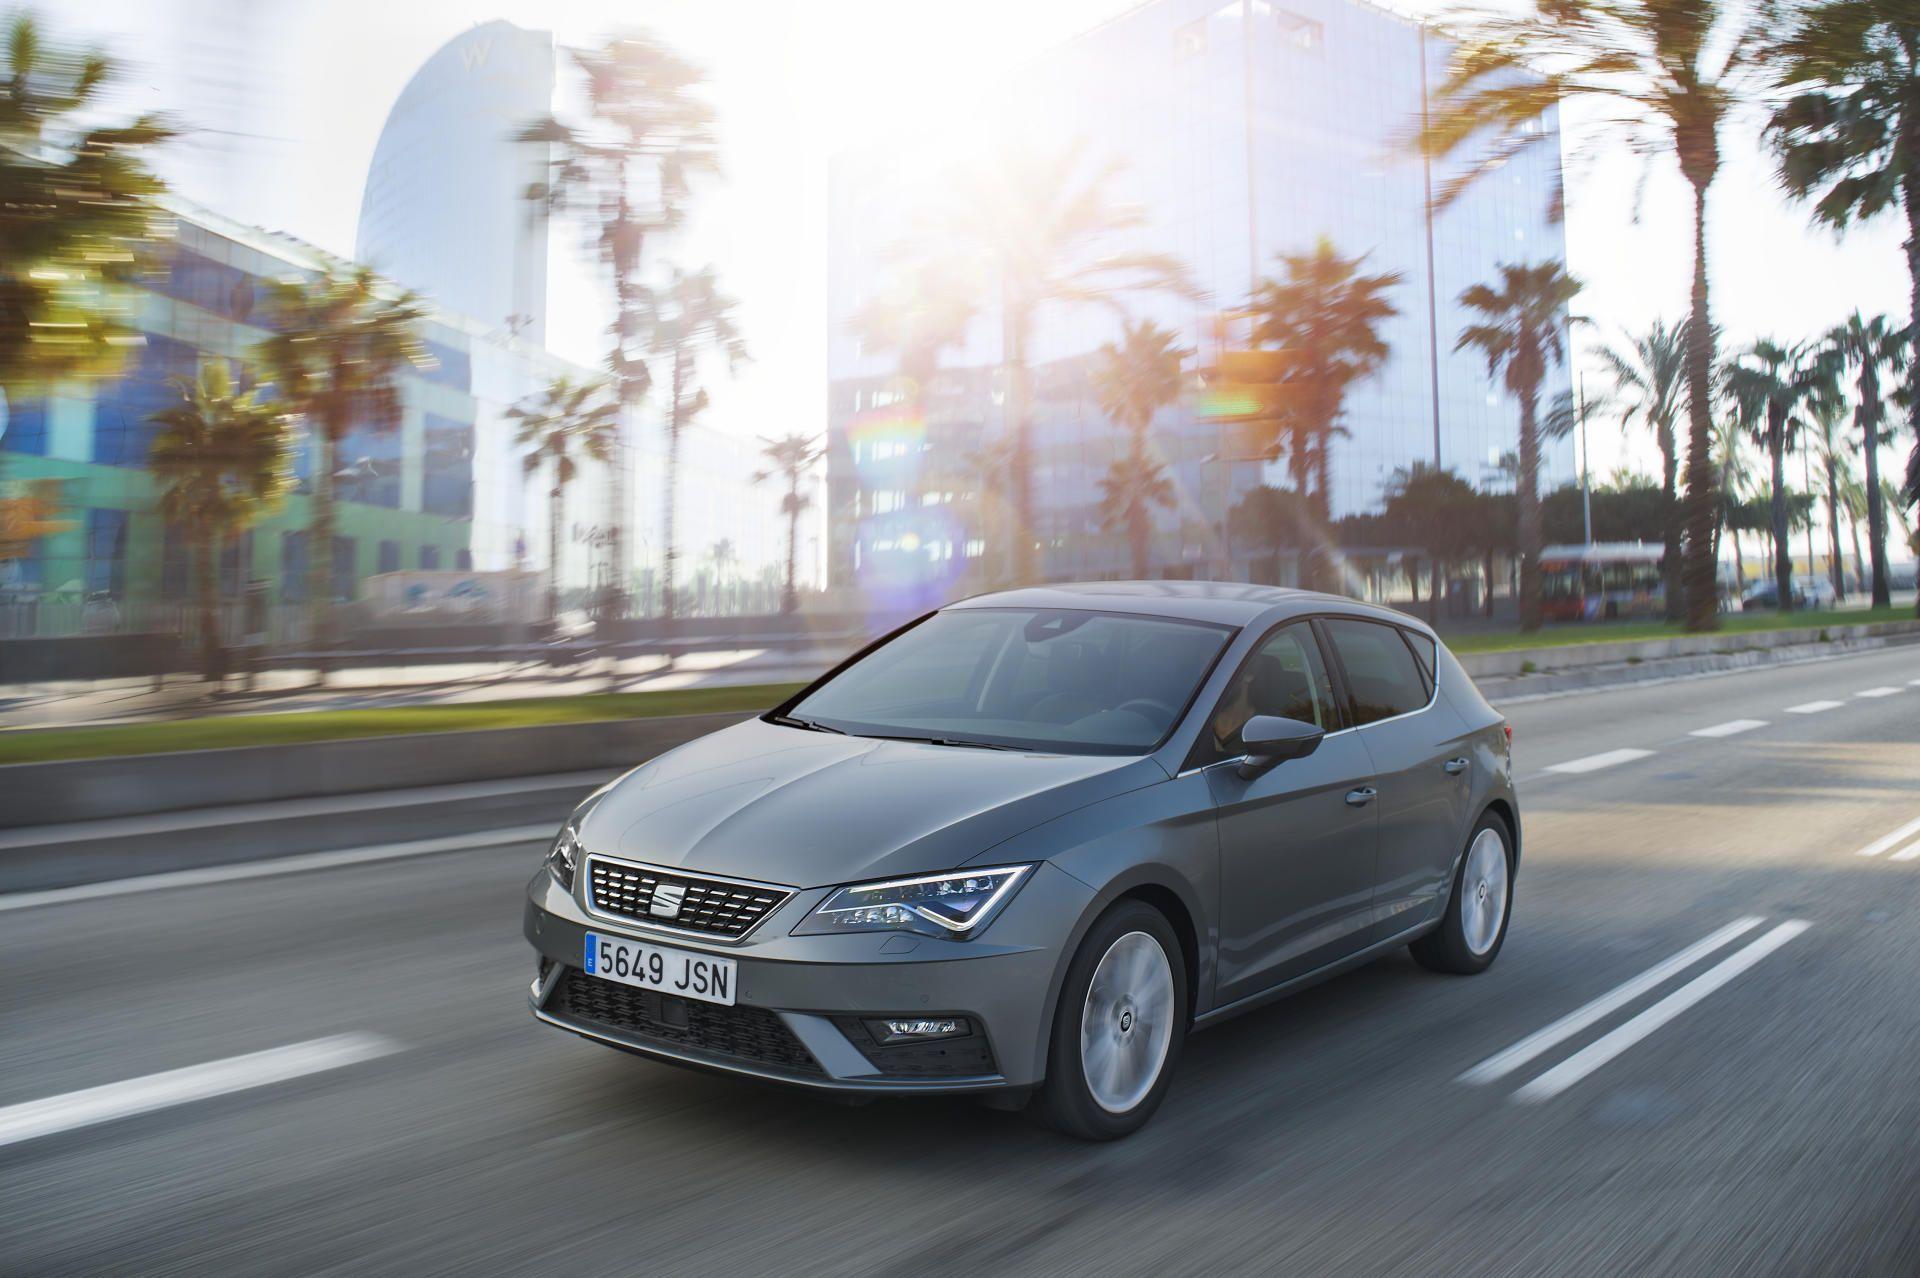 SEAT León híbrido (gasolina+gas natural) por 12.500€ Plan MOVALT, etiqueta ECO y 110 CV